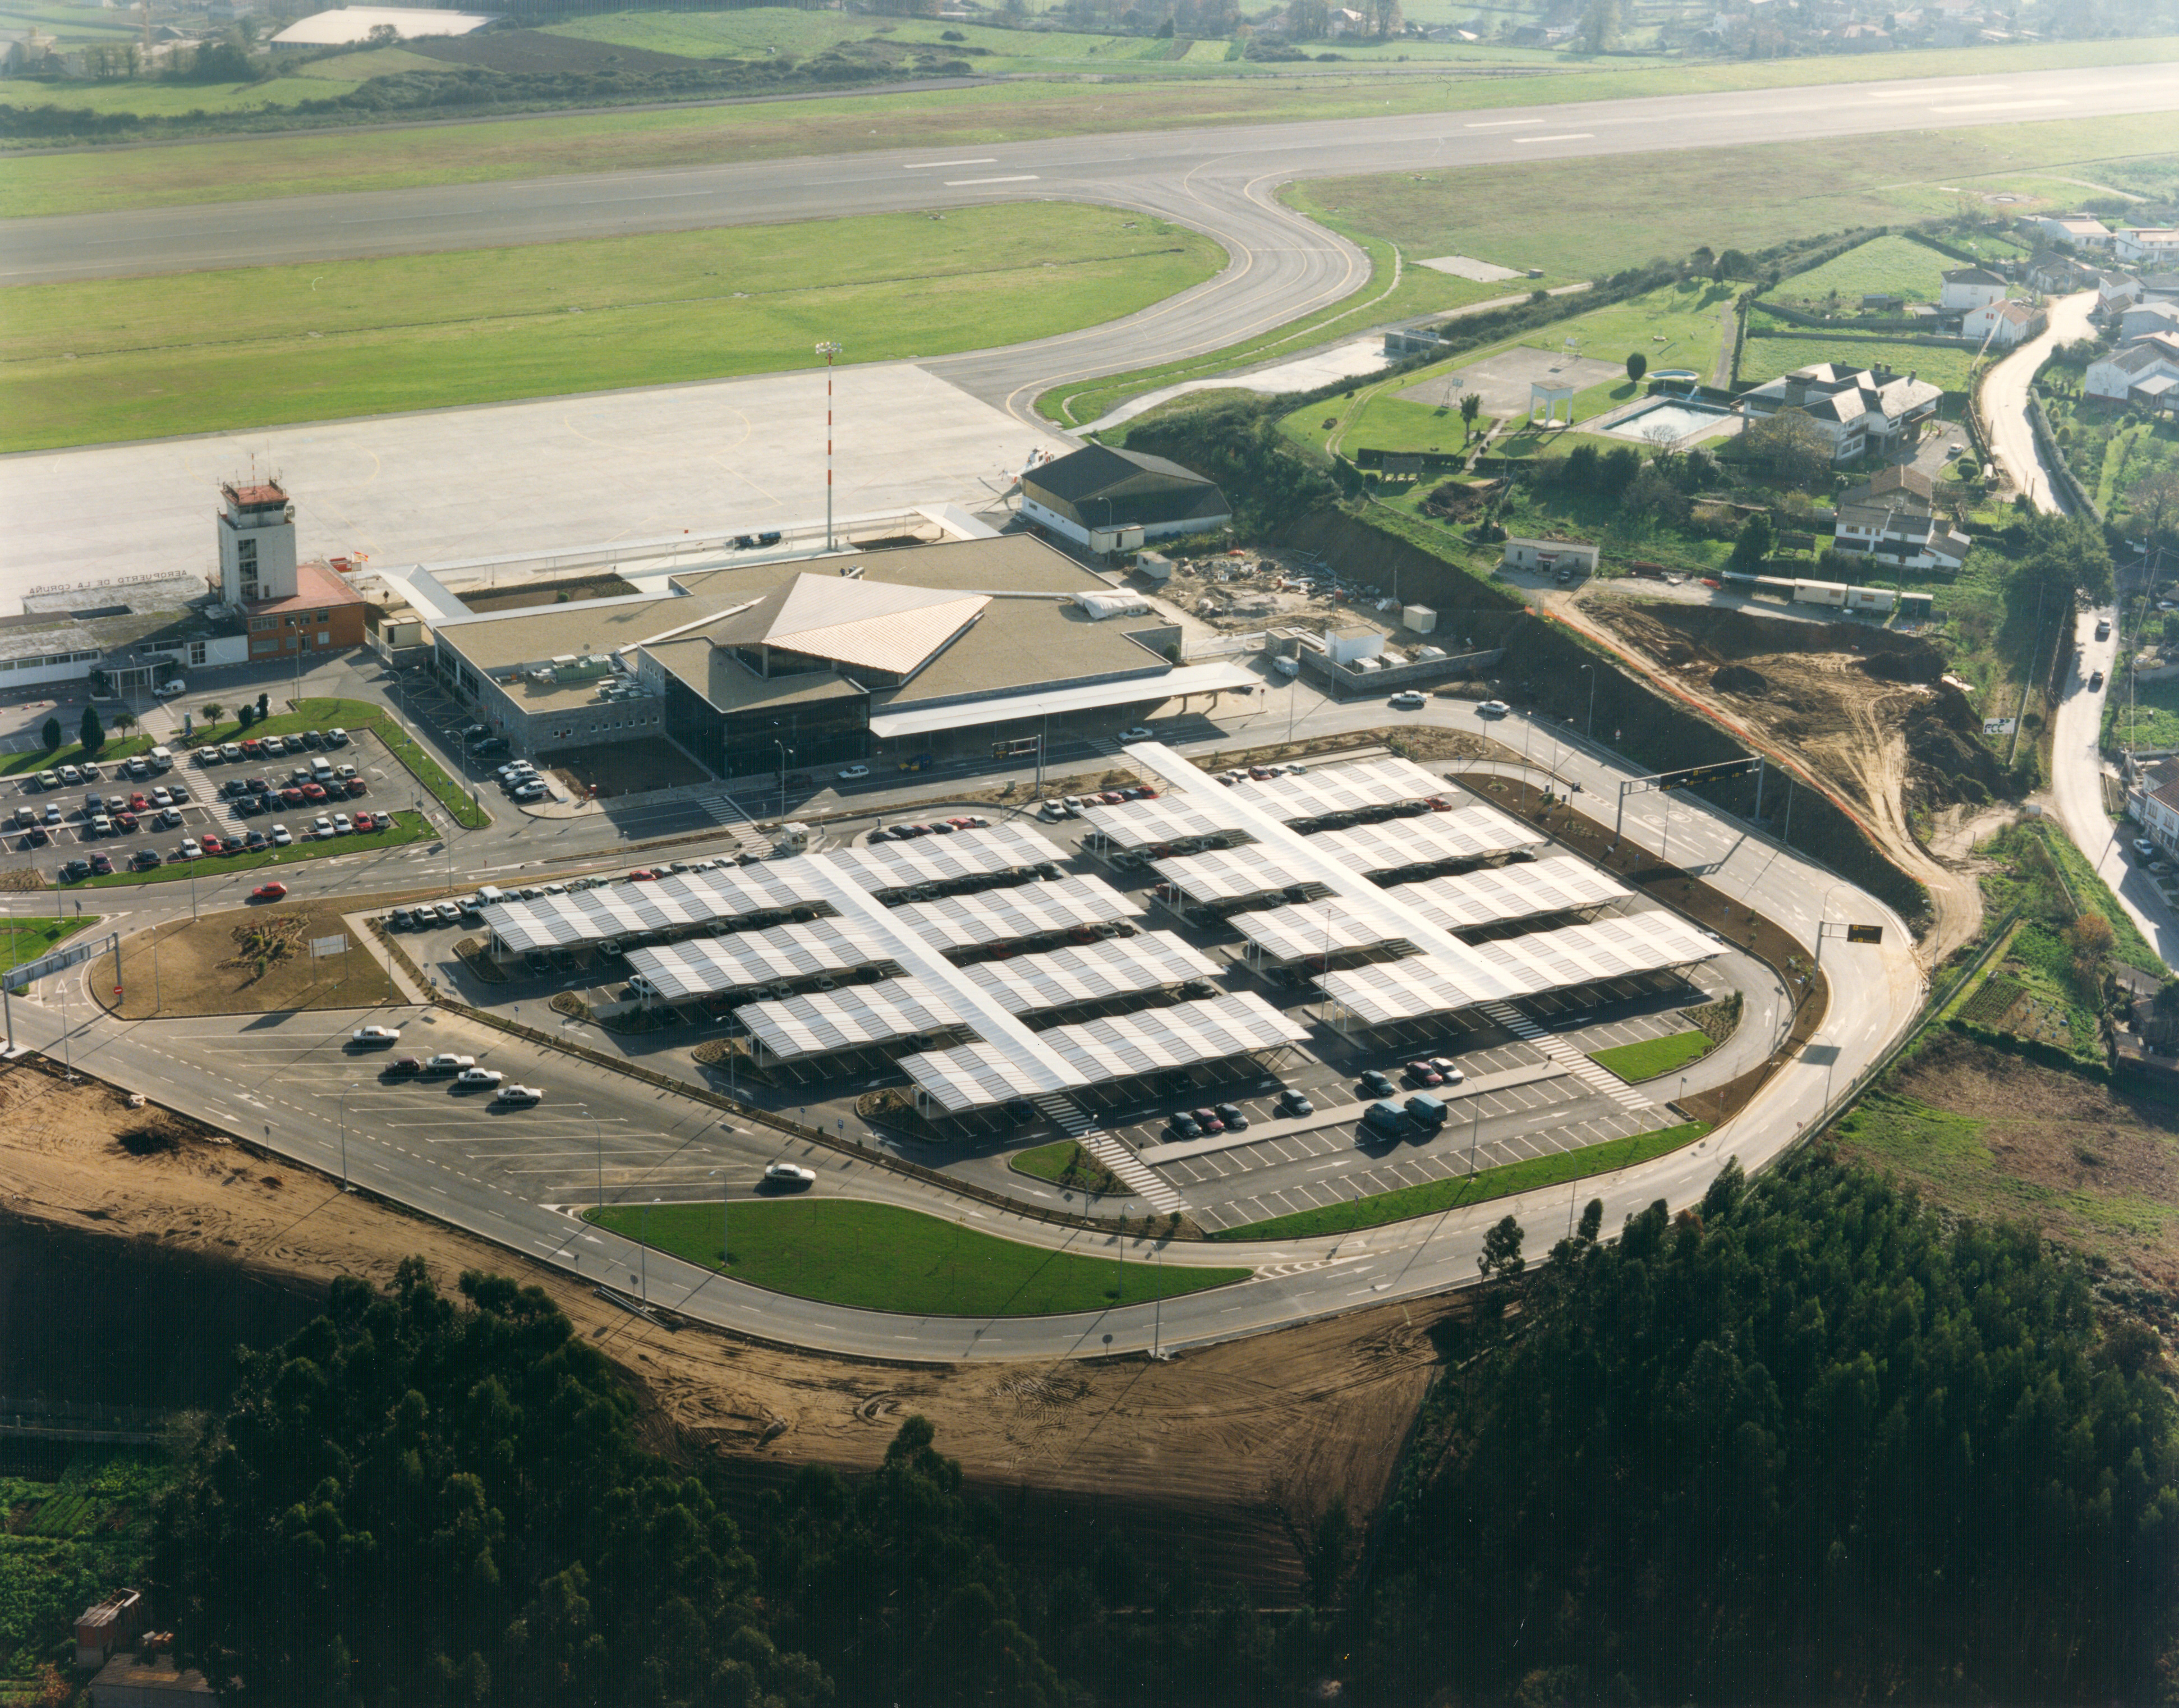 vista aerea aeropuerto la Coruña